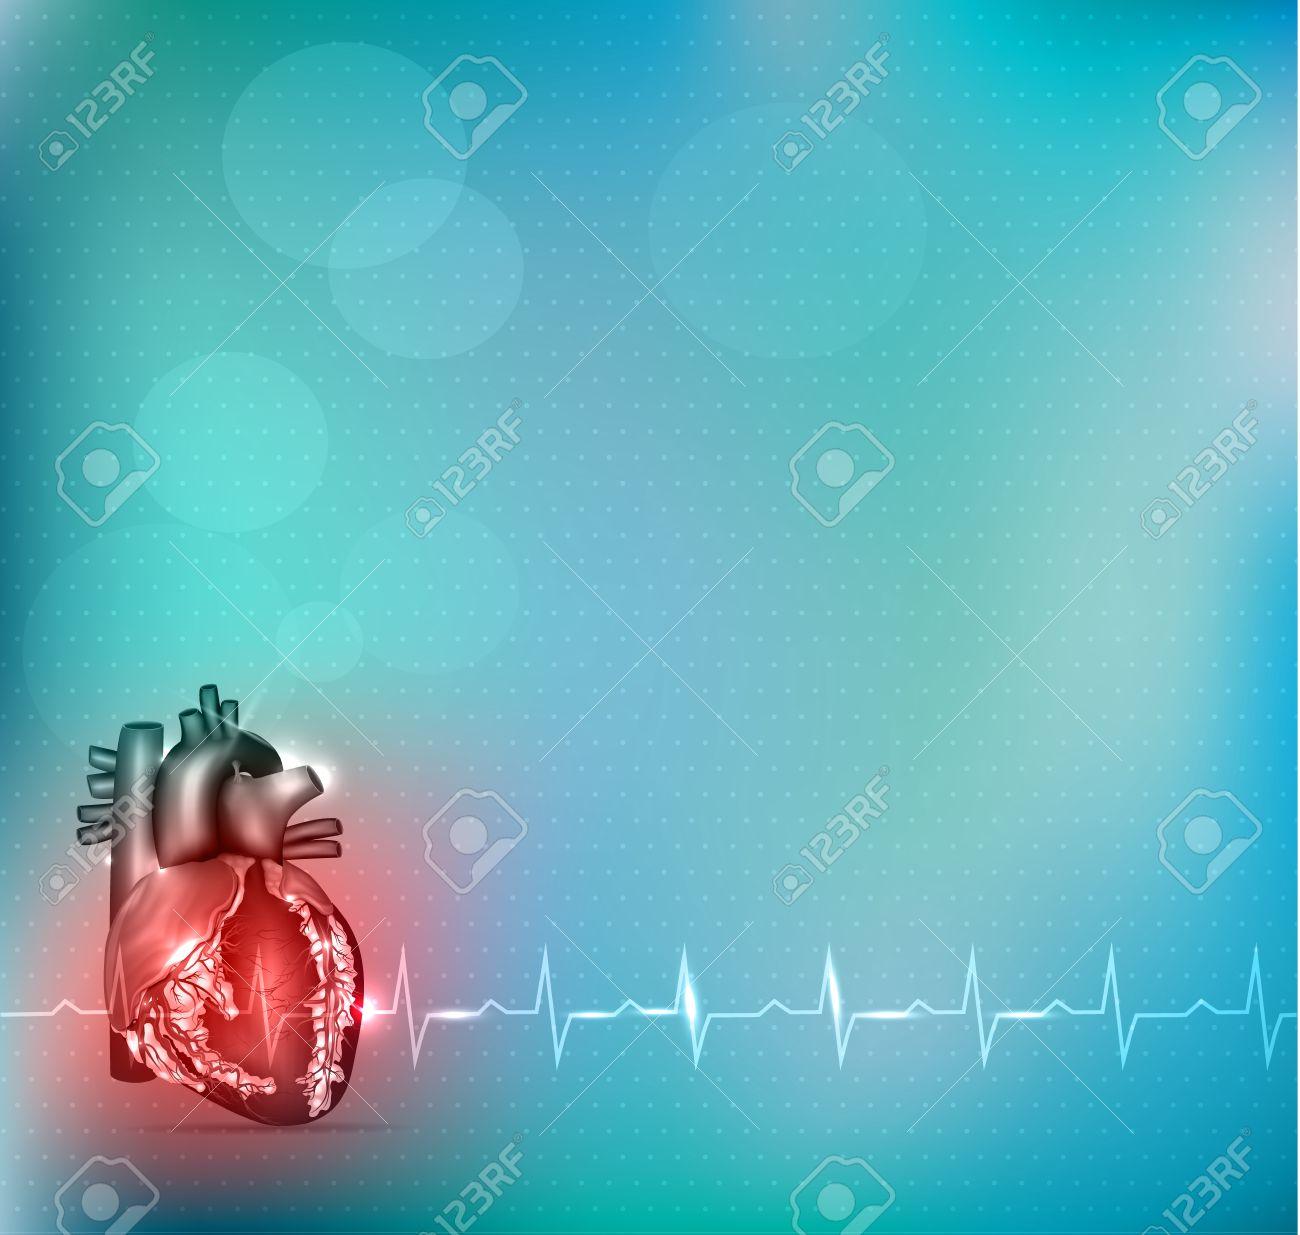 Fondo De Cardiología De Colores, La Anatomía Del Corazón Rojo Y ...